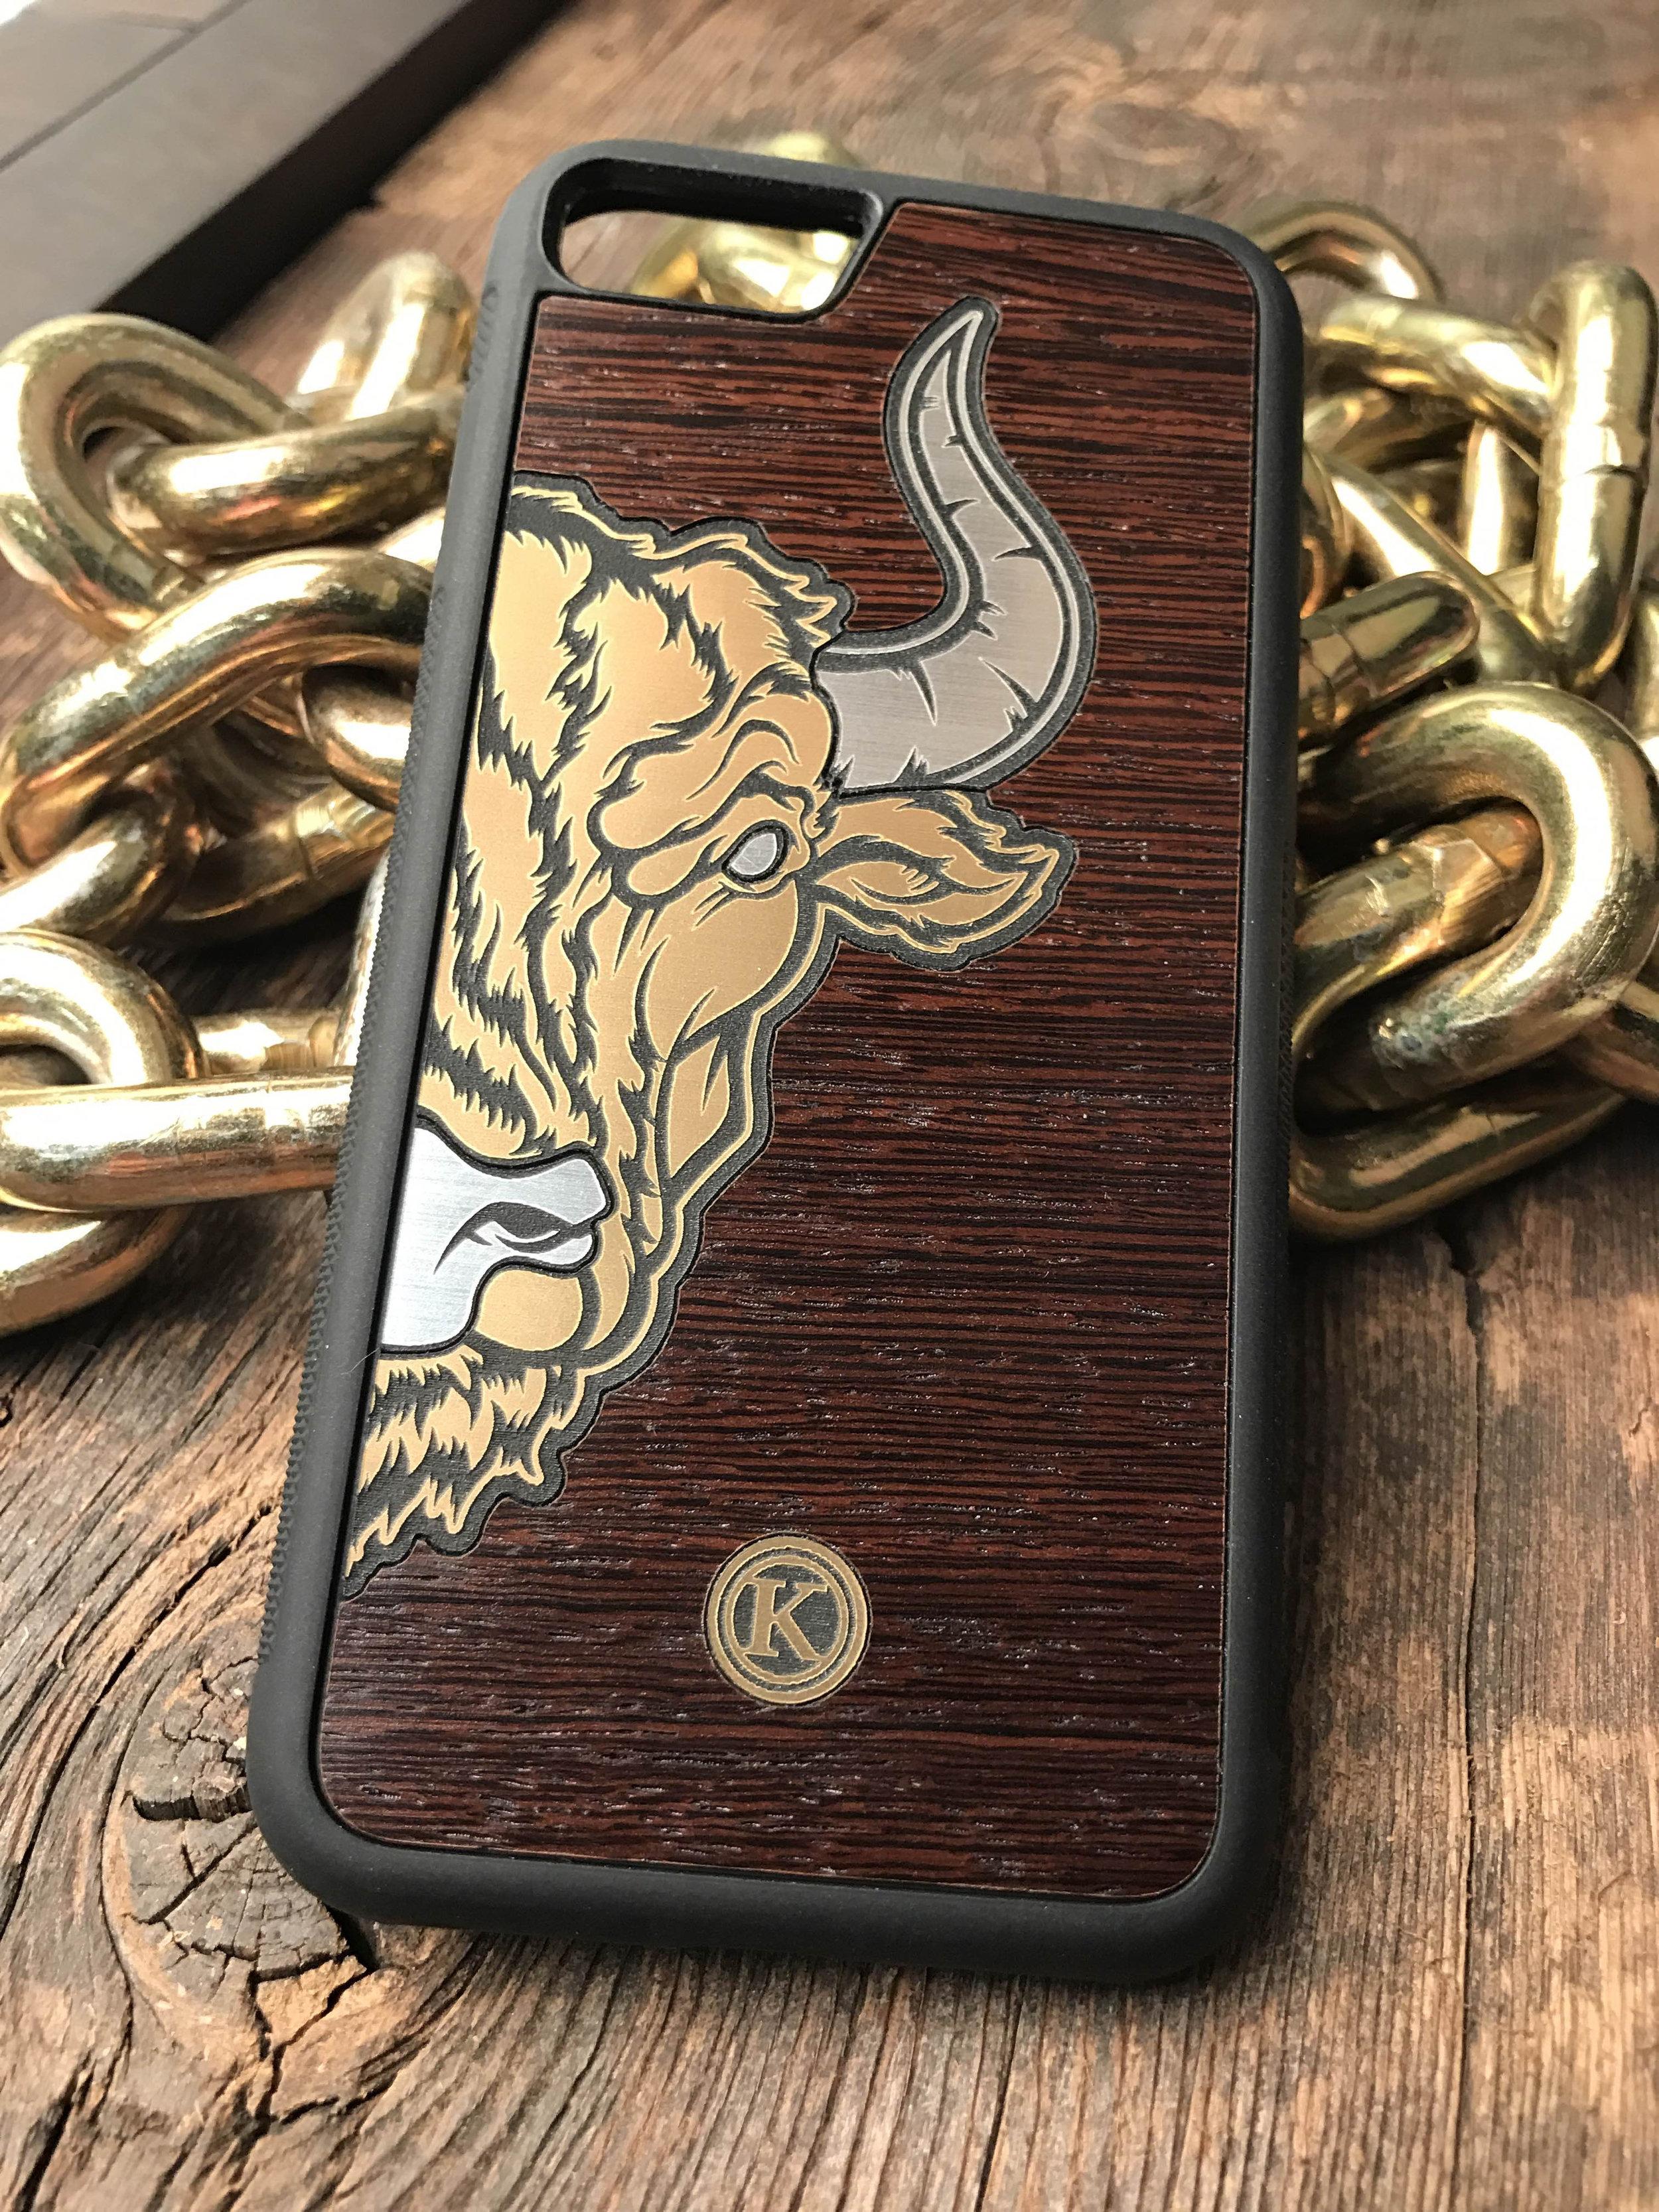 Toro-Case-Chains.jpg